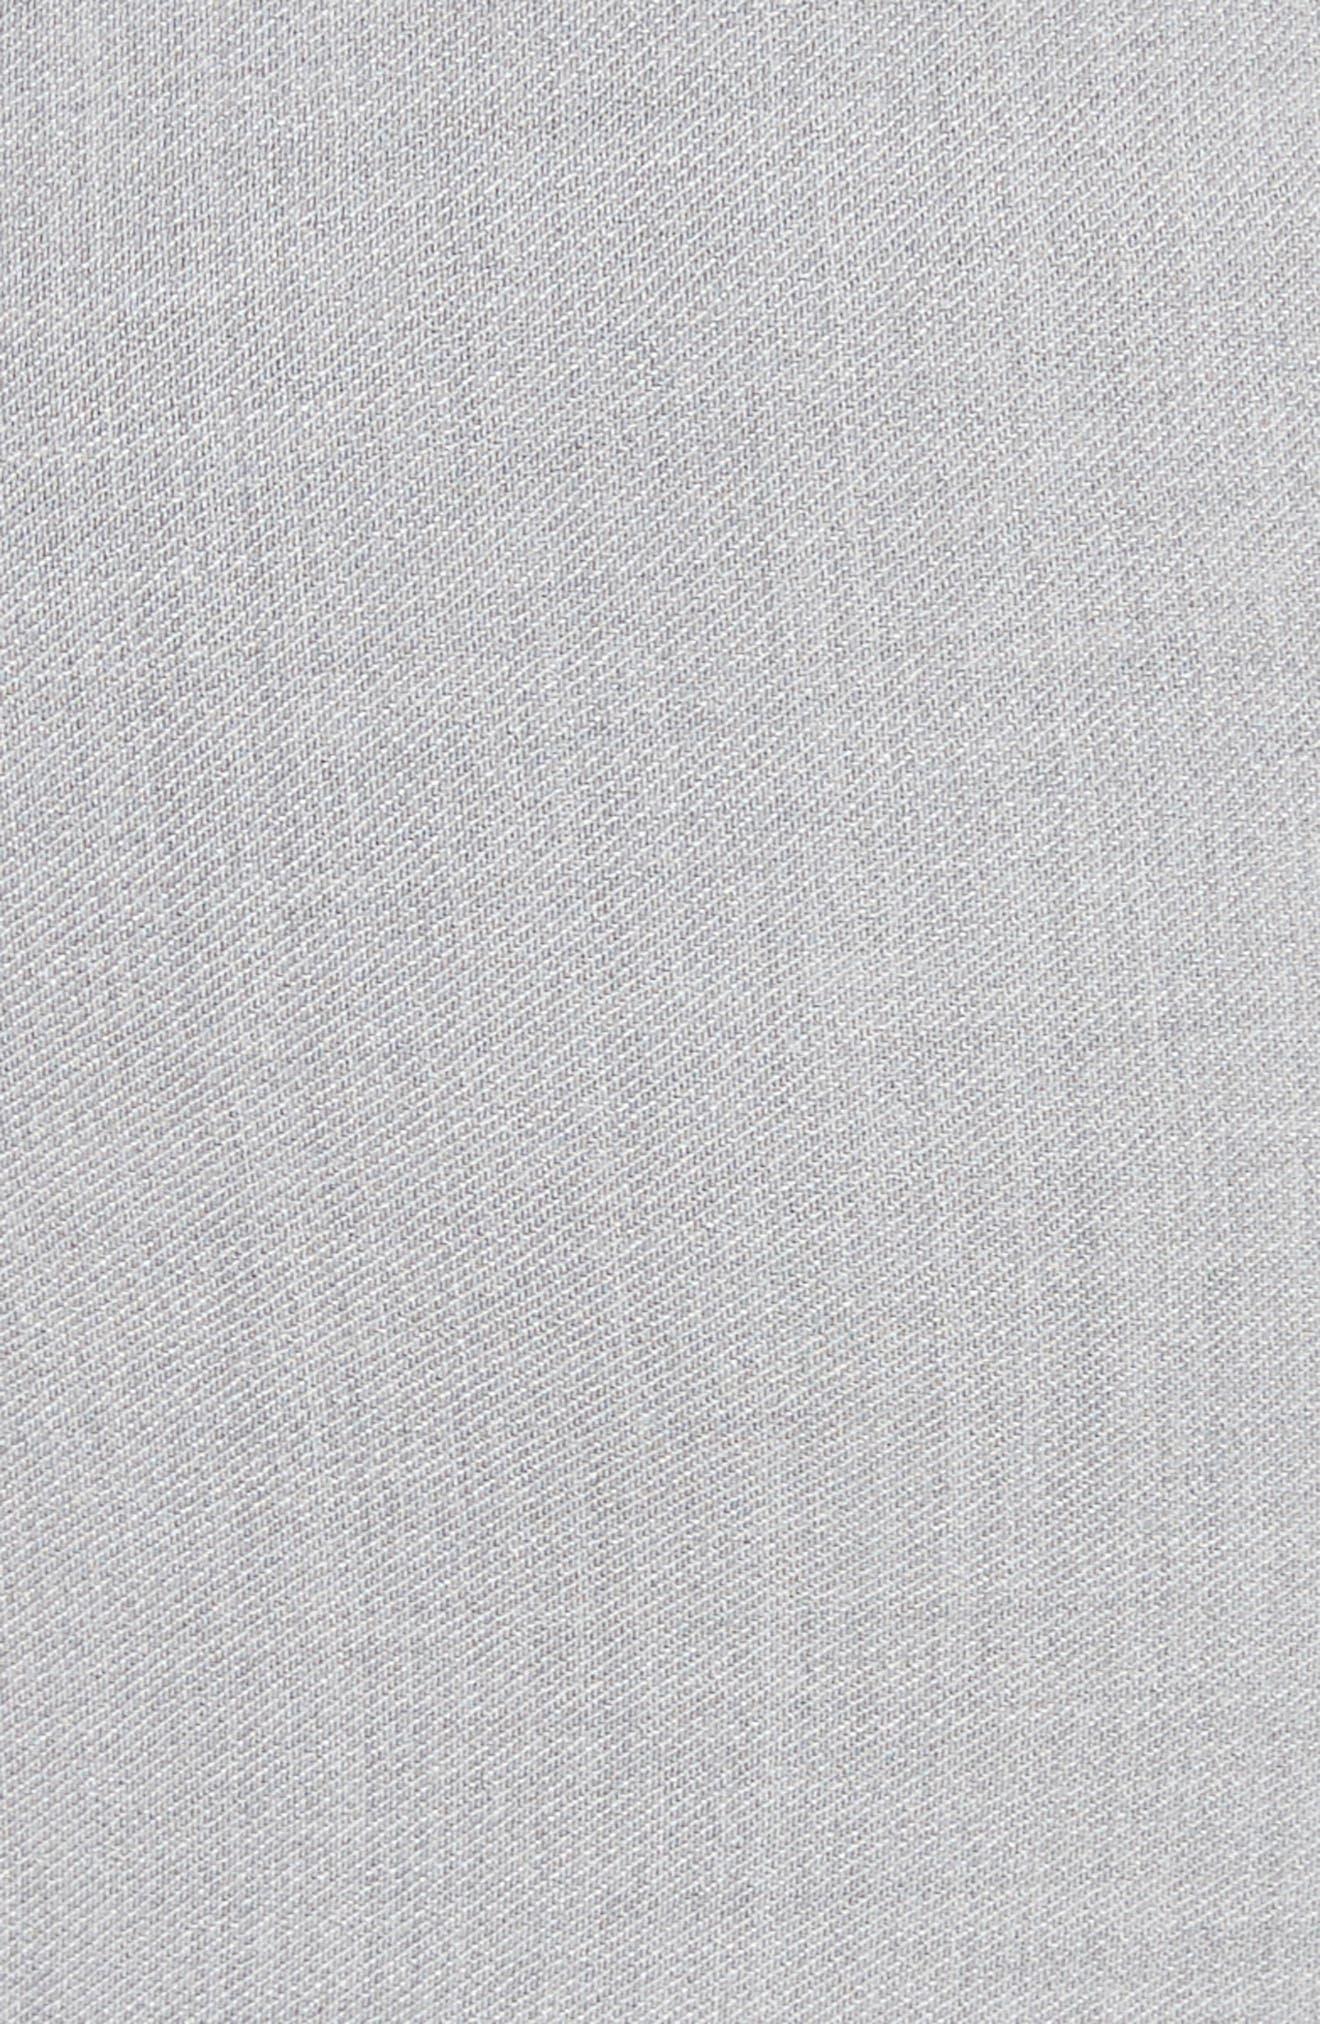 Raw Hem Tie Front Skirt,                             Alternate thumbnail 5, color,                             Light Grey Melange